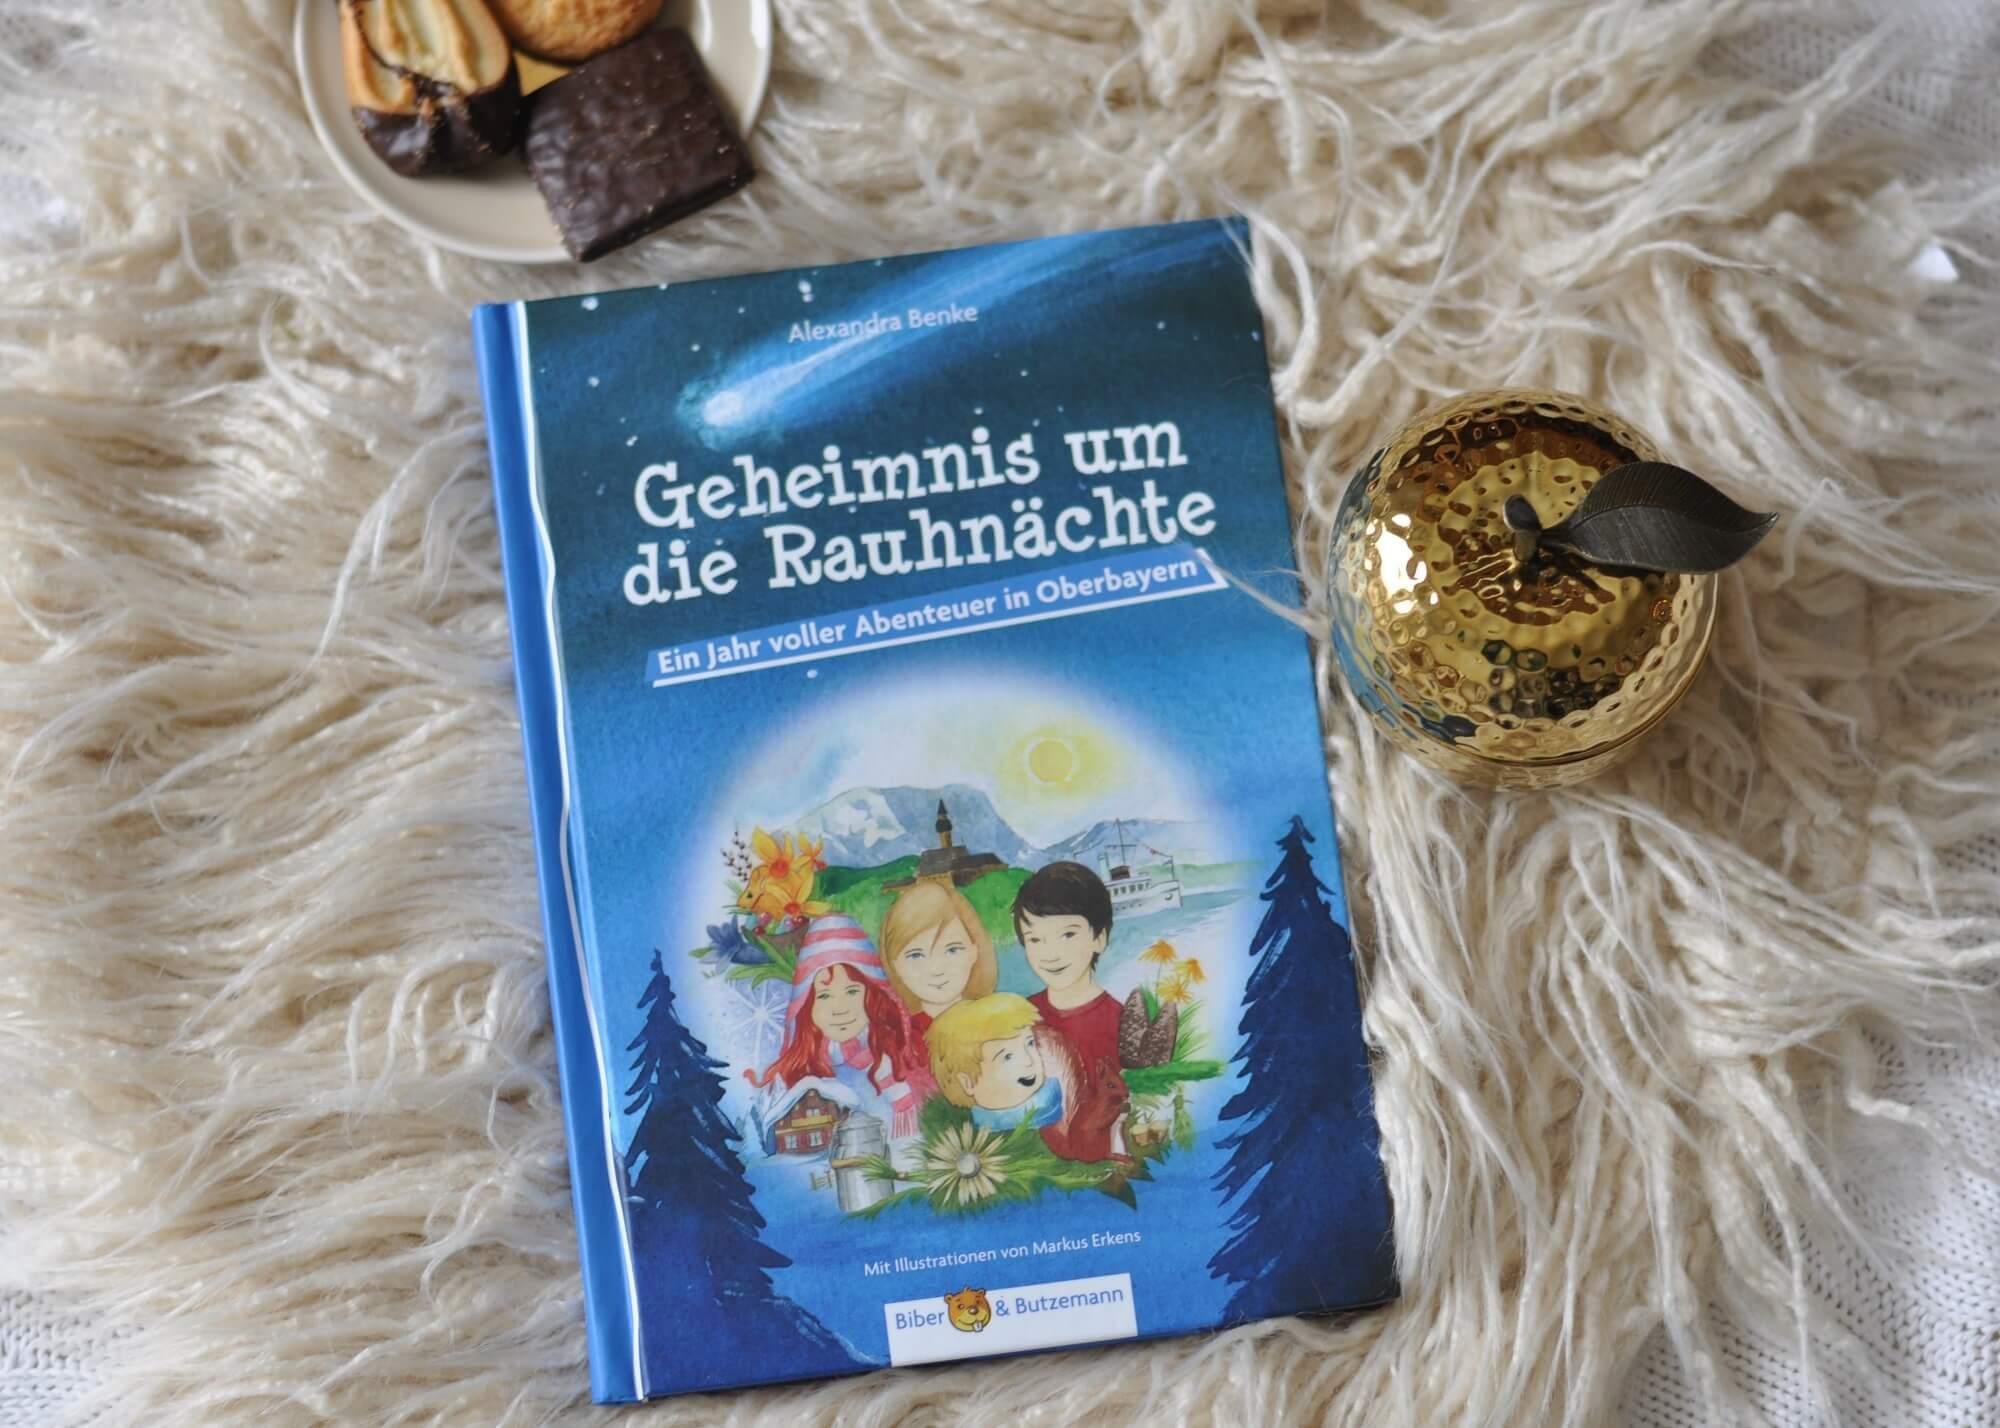 Ein Ferienhaus, vier Kinder und vier Jahreszeiten - dieses Abenteuer macht Lust auf Ferien an einem Ort, der wie ein zweites Zuhause ist. #ferien #urlaub #ferienhaus #kinderbuch #lesen #abenteuer #bayern